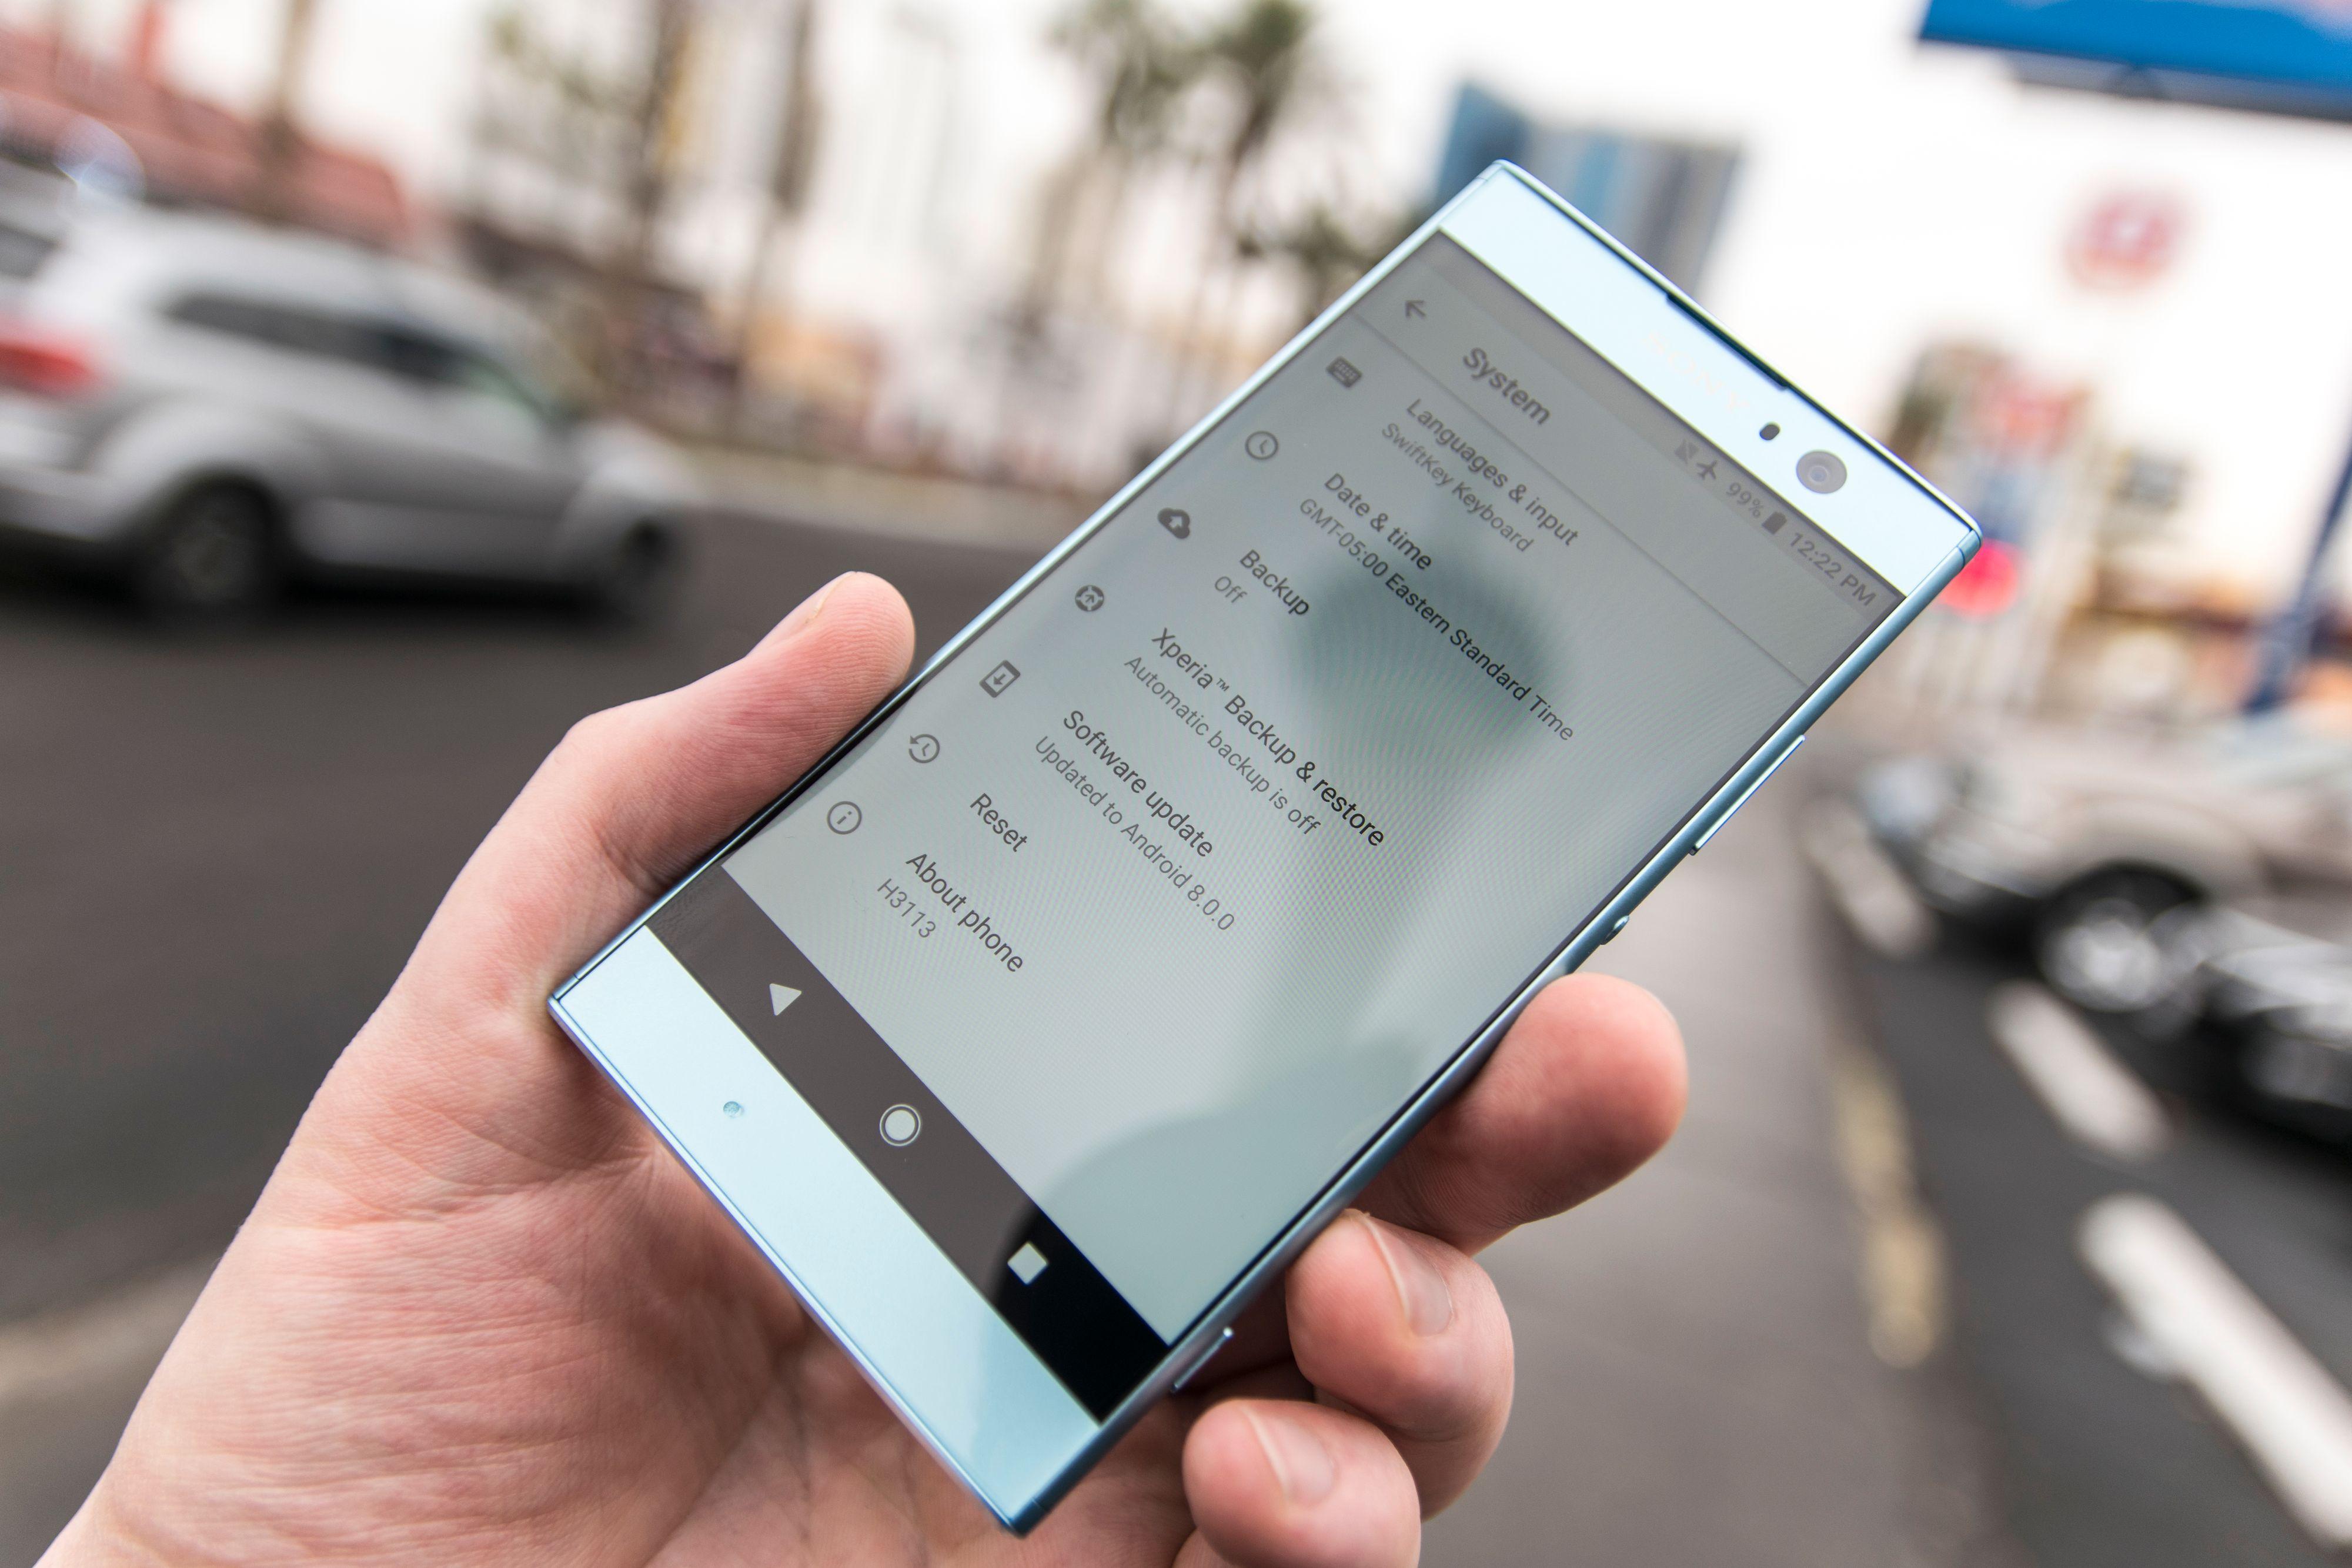 Android 8 er her rett ut av esken. Bilde: Finn Jarle Kvalheim, Tek.no